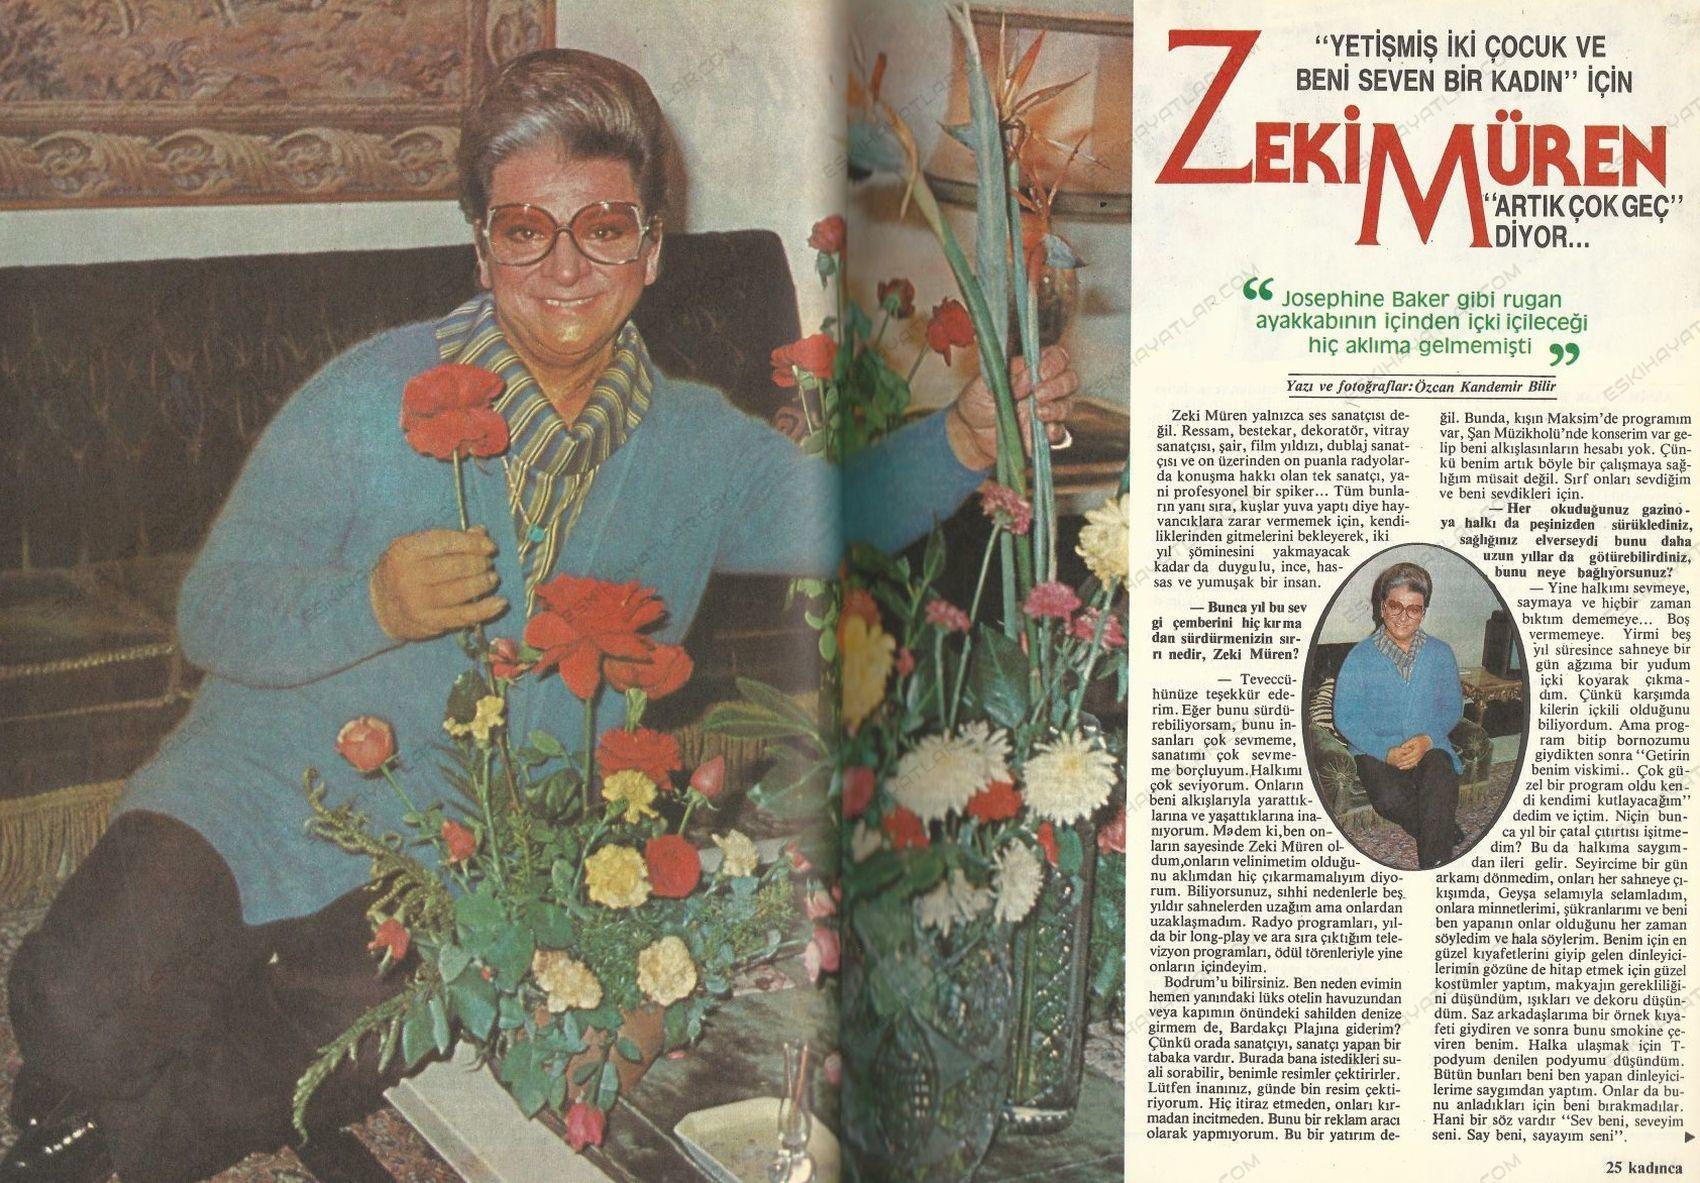 0133-zeki-muren-roportaji-1984-kadinca-dergisi (2)